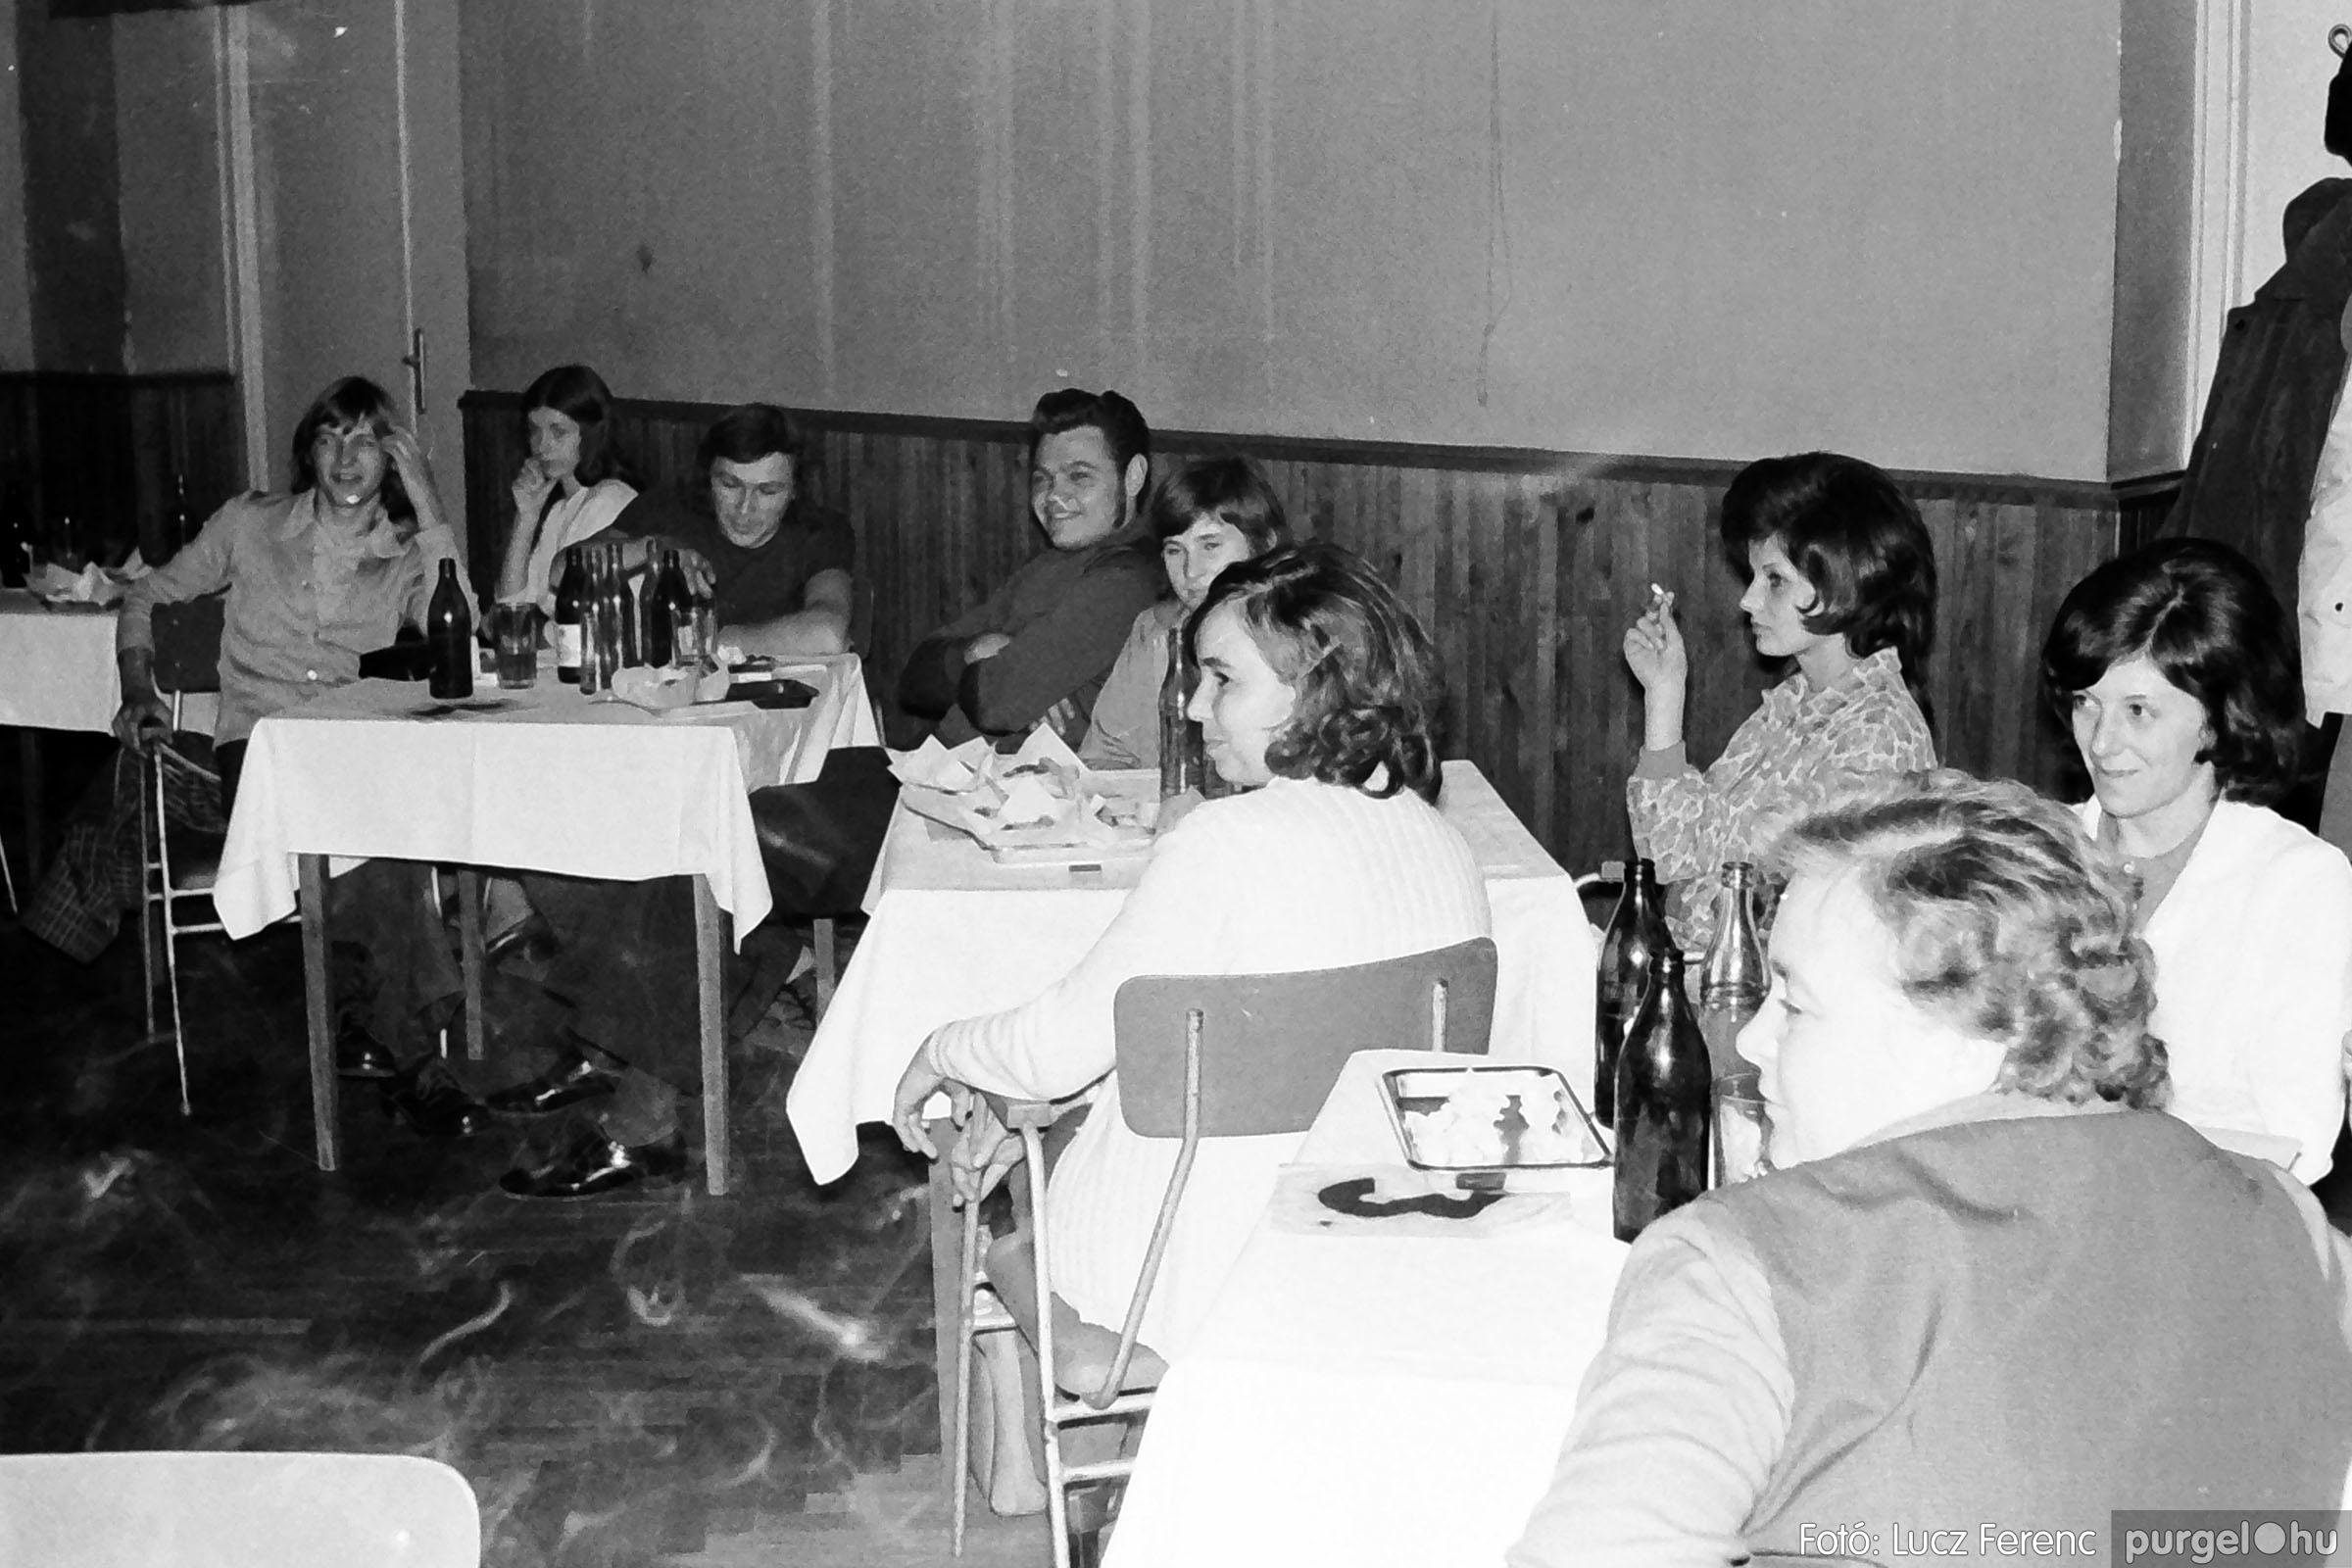 004A 1970-es évek - Kendergyári dolgozók vetélkedője 018 - Fotó: Lucz Ferenc IMG00098q.jpg